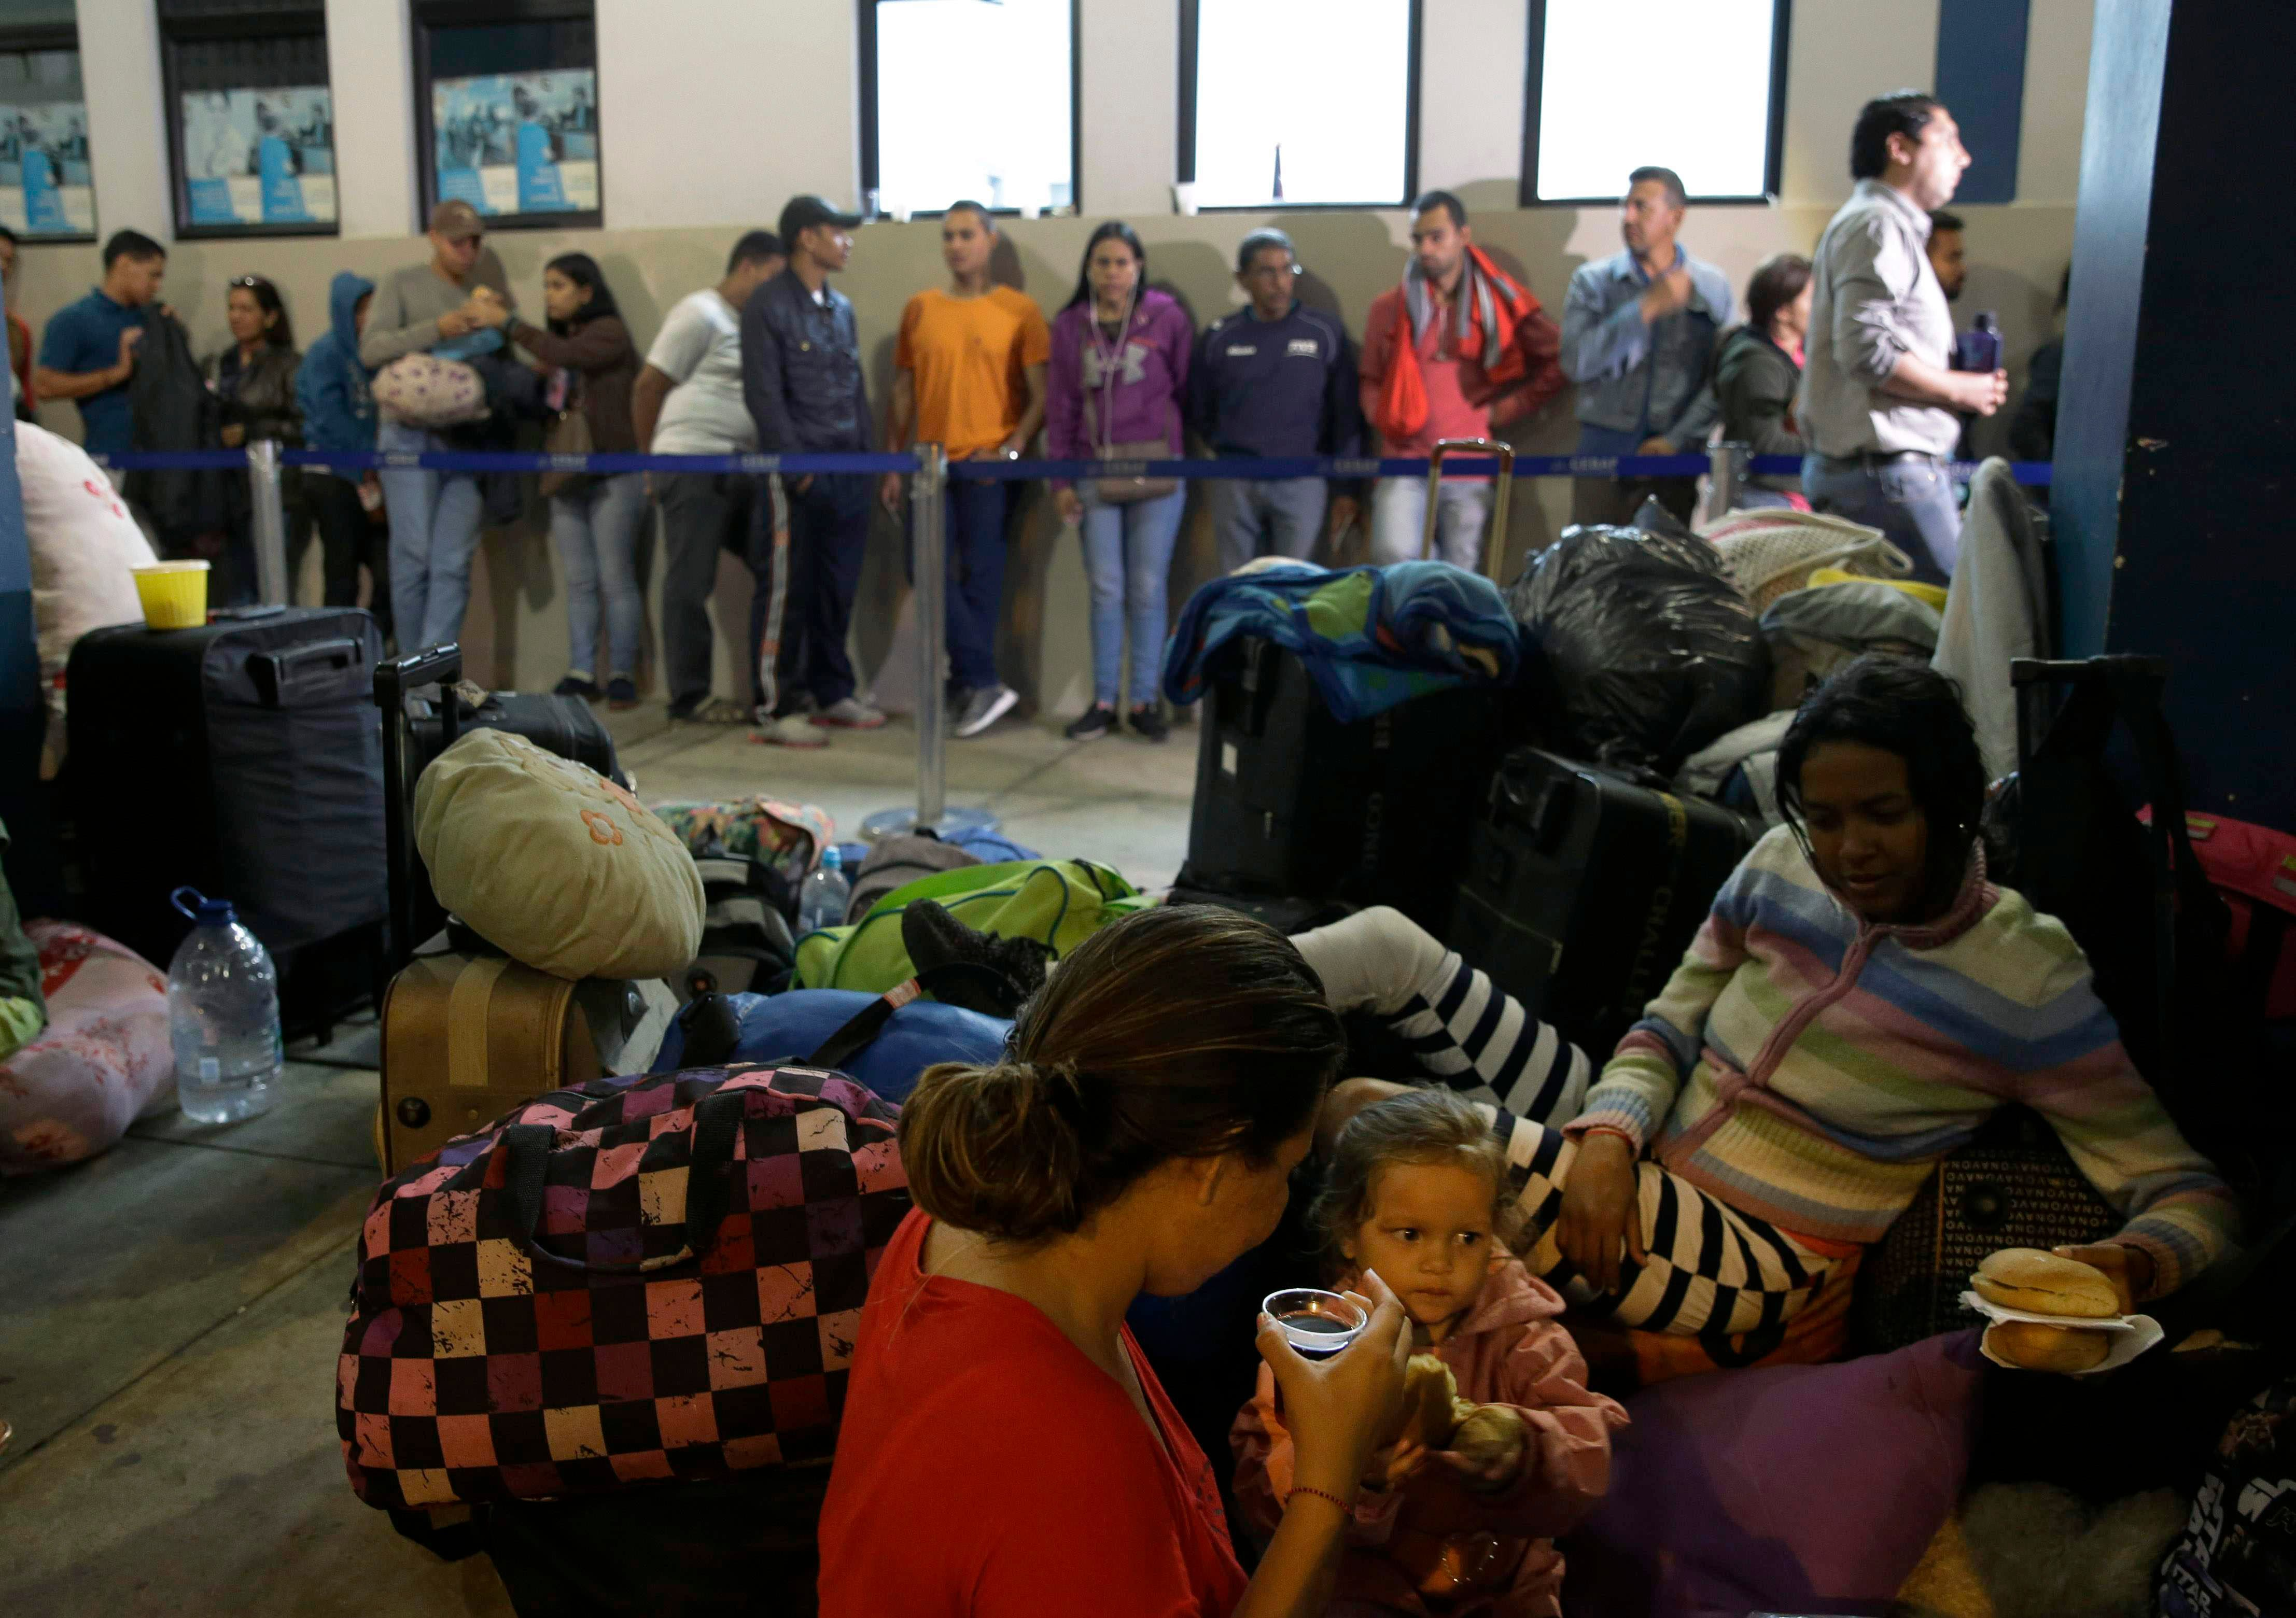 Los migrantes venezolanos descansan mientras otro grupo hace fila para ingresar a la oficina de inmigración en Tumbes, Perú, el sábado 25 de agosto de 2018. Miles de venezolanos cruzan hacia Perú horas antes de que las autoridades comiencen a aplicar normas más estrictas que harán que ingresar al país sudamericano sea más difícil. (AP Photo / Martin Mejia)